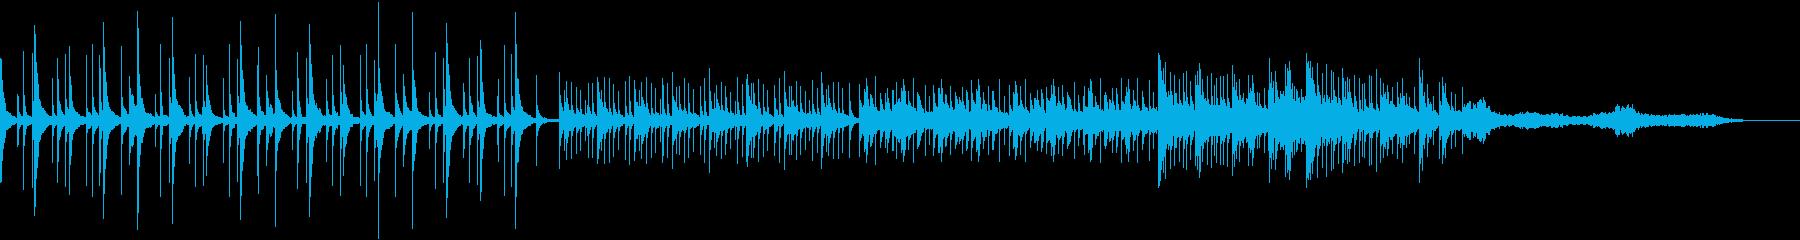 空気のように透明感のあるオルゴール曲の再生済みの波形